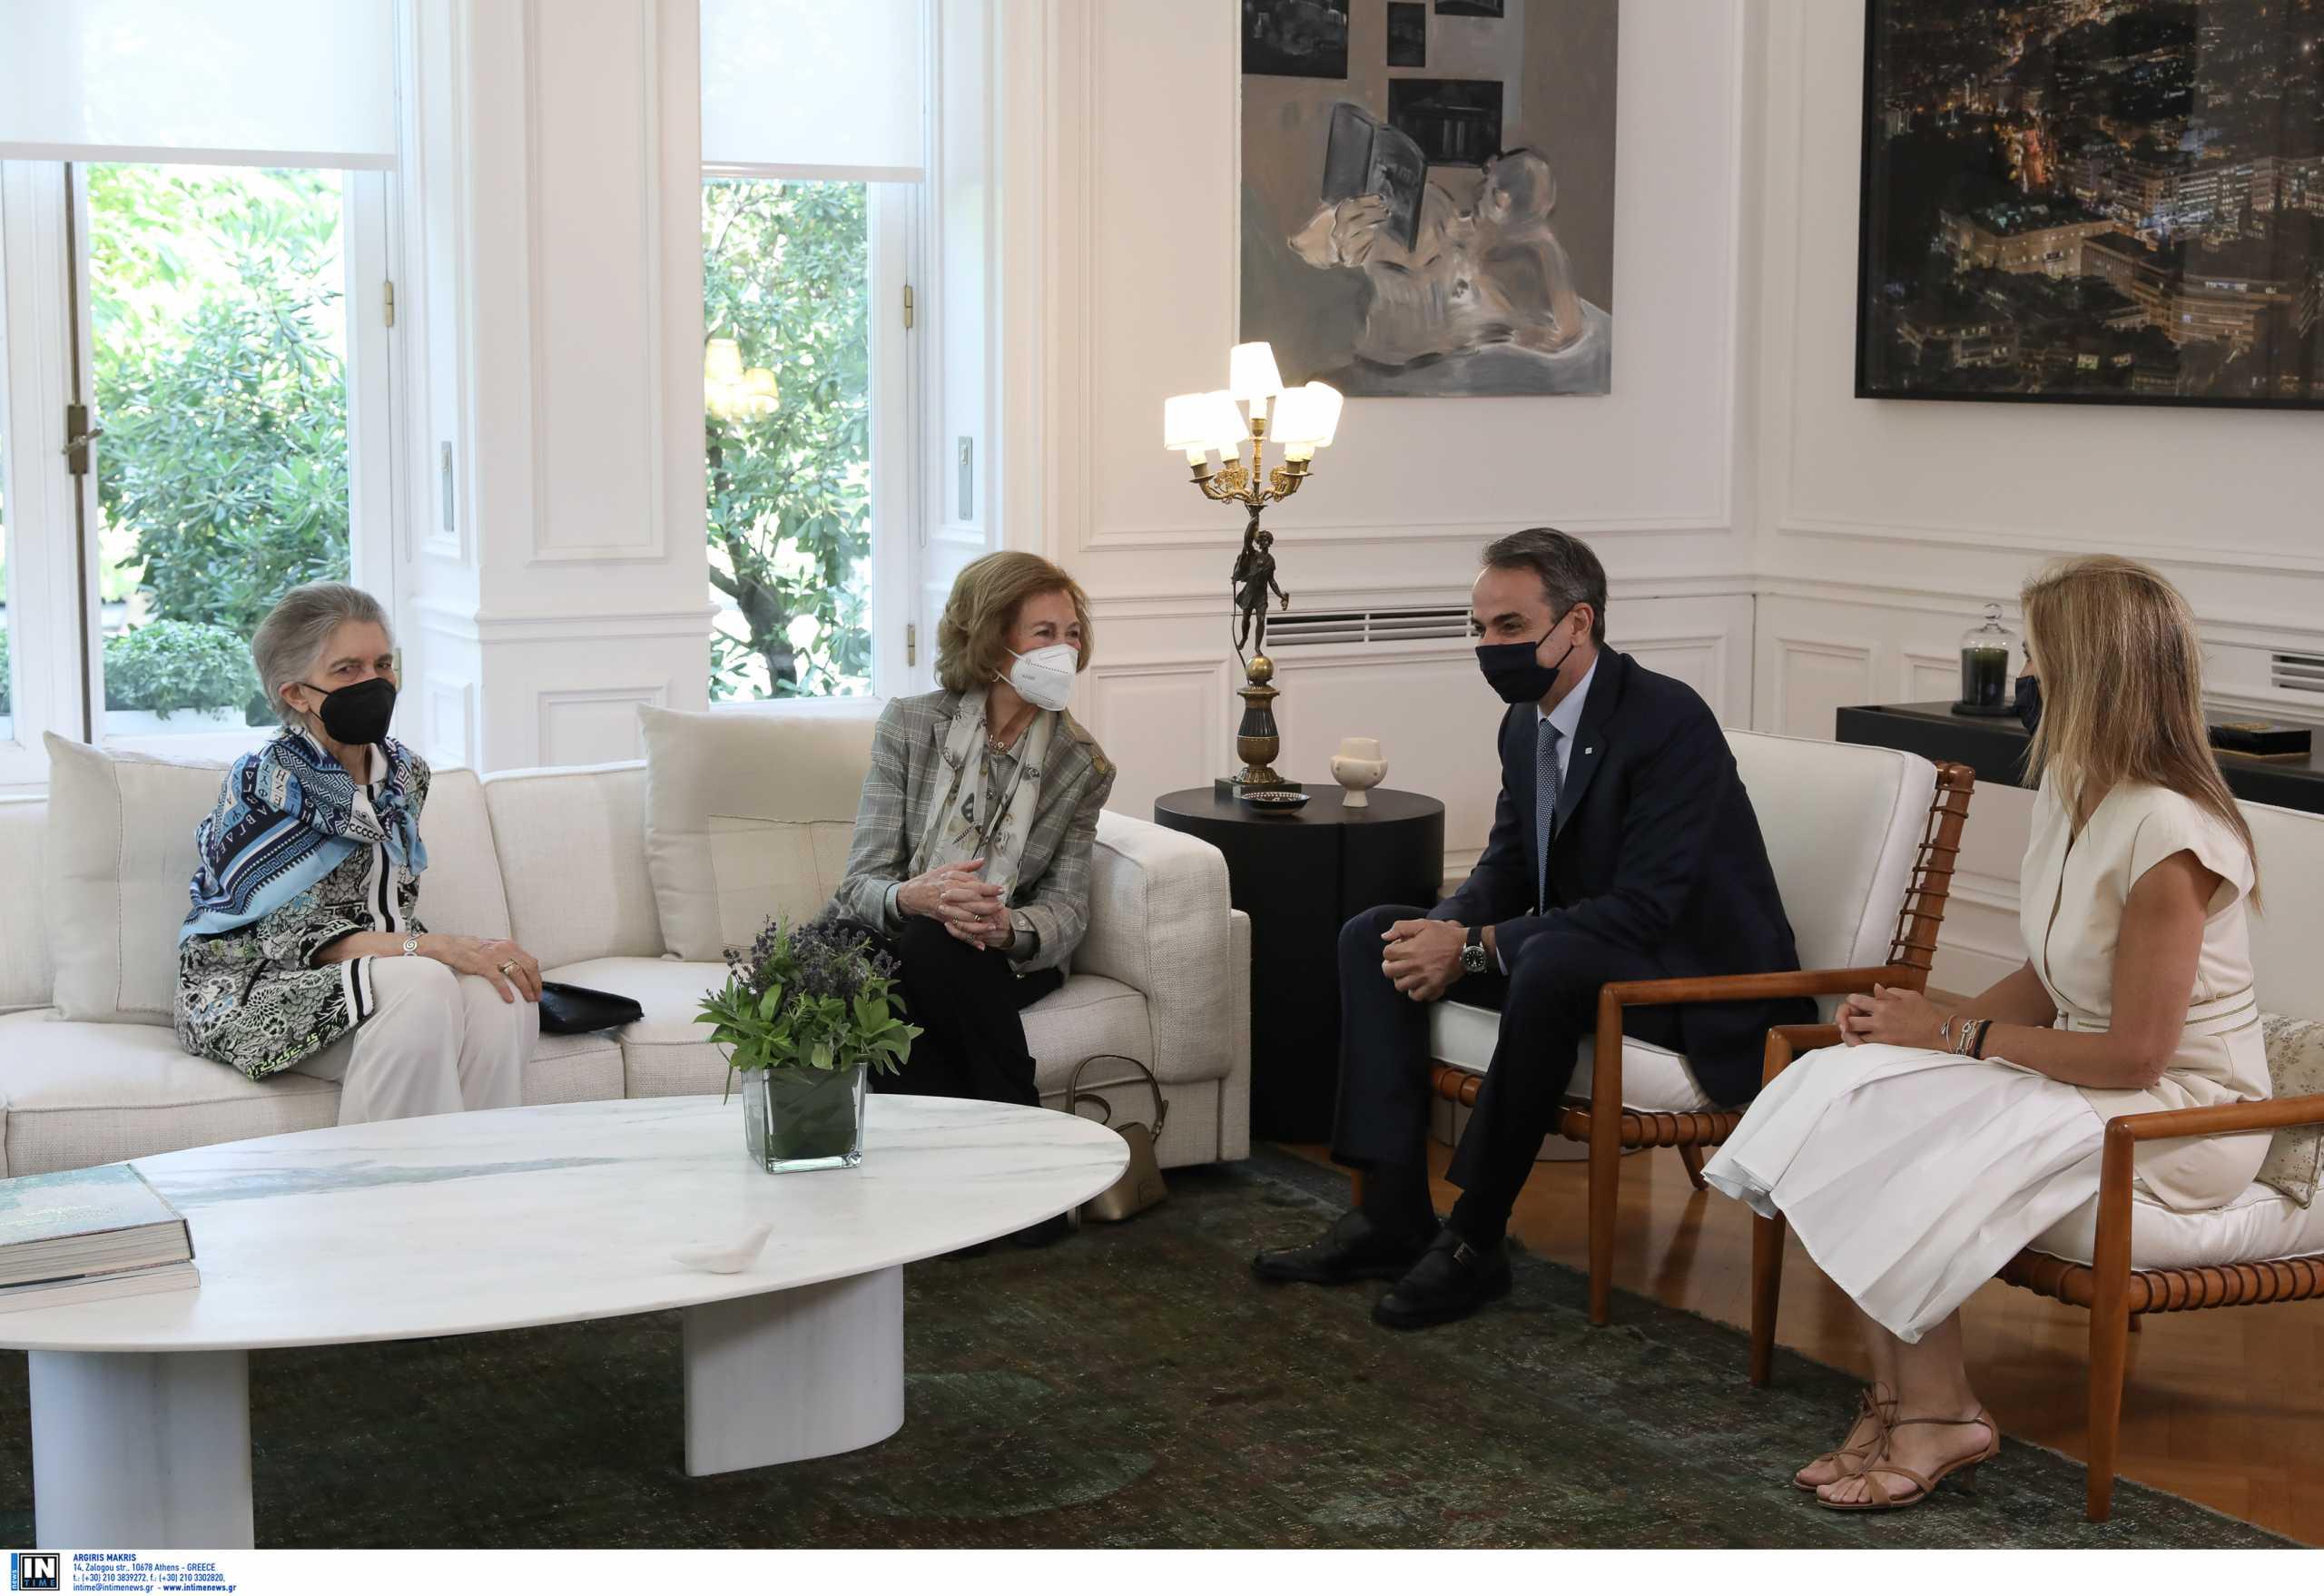 Η Βασίλισσα Σοφία και ο Κυριάκος Μητσοτάκης συζήτησαν και για το Τατόι